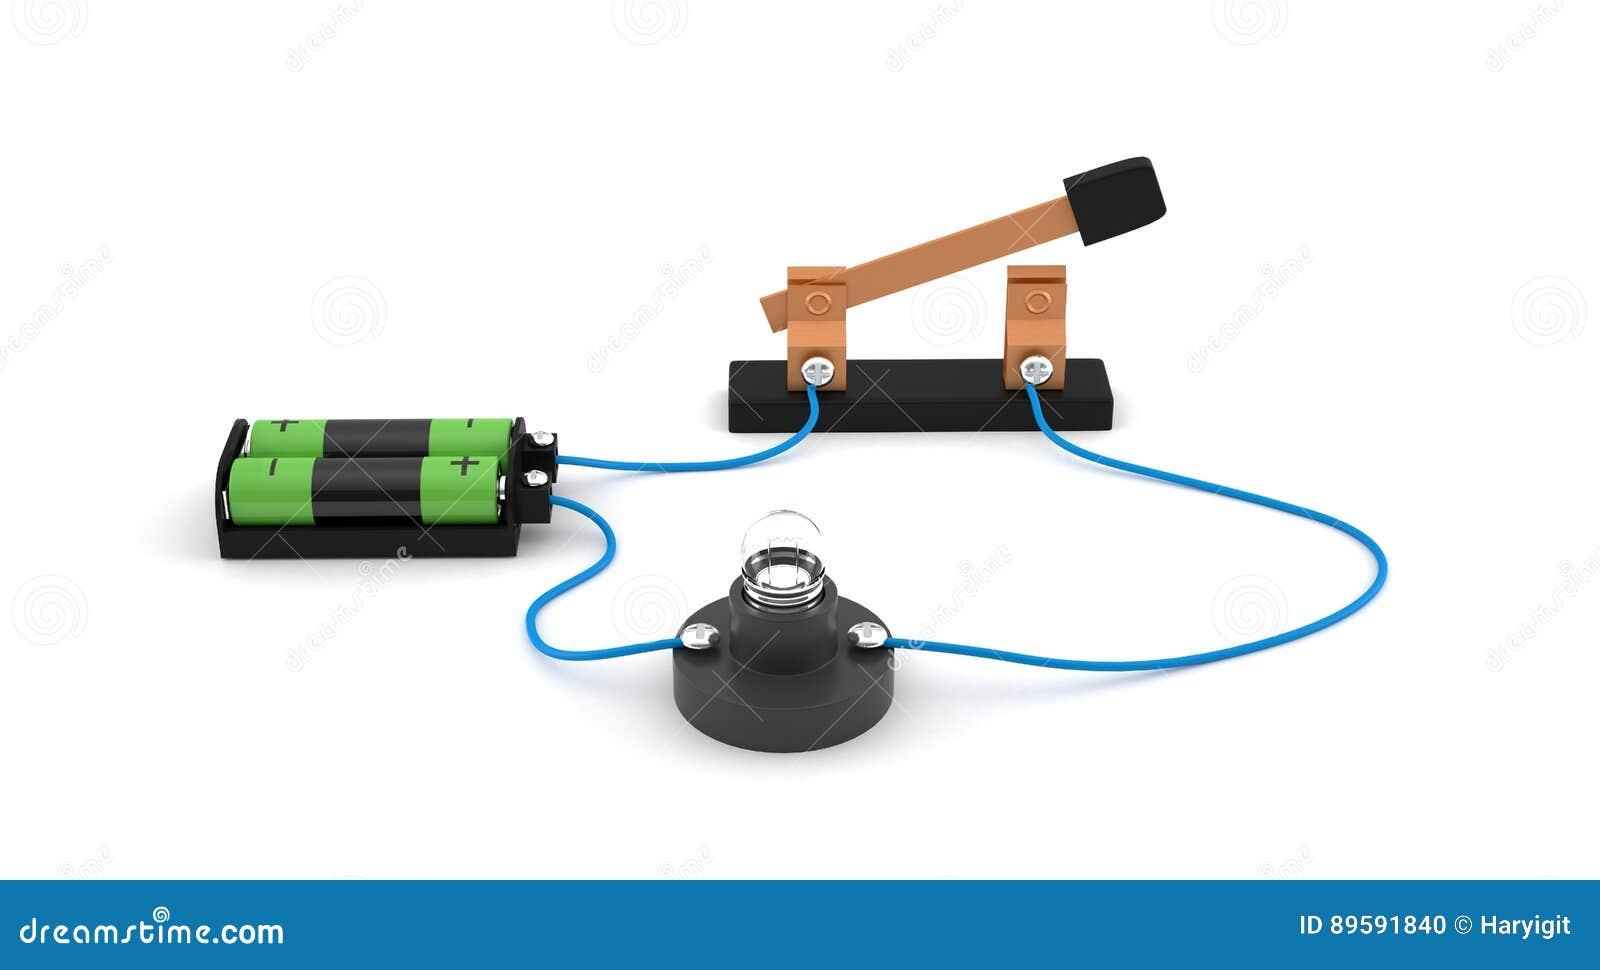 Offener Schalter Der Vertretung Des Elektrischen Stromkreises Unter ...